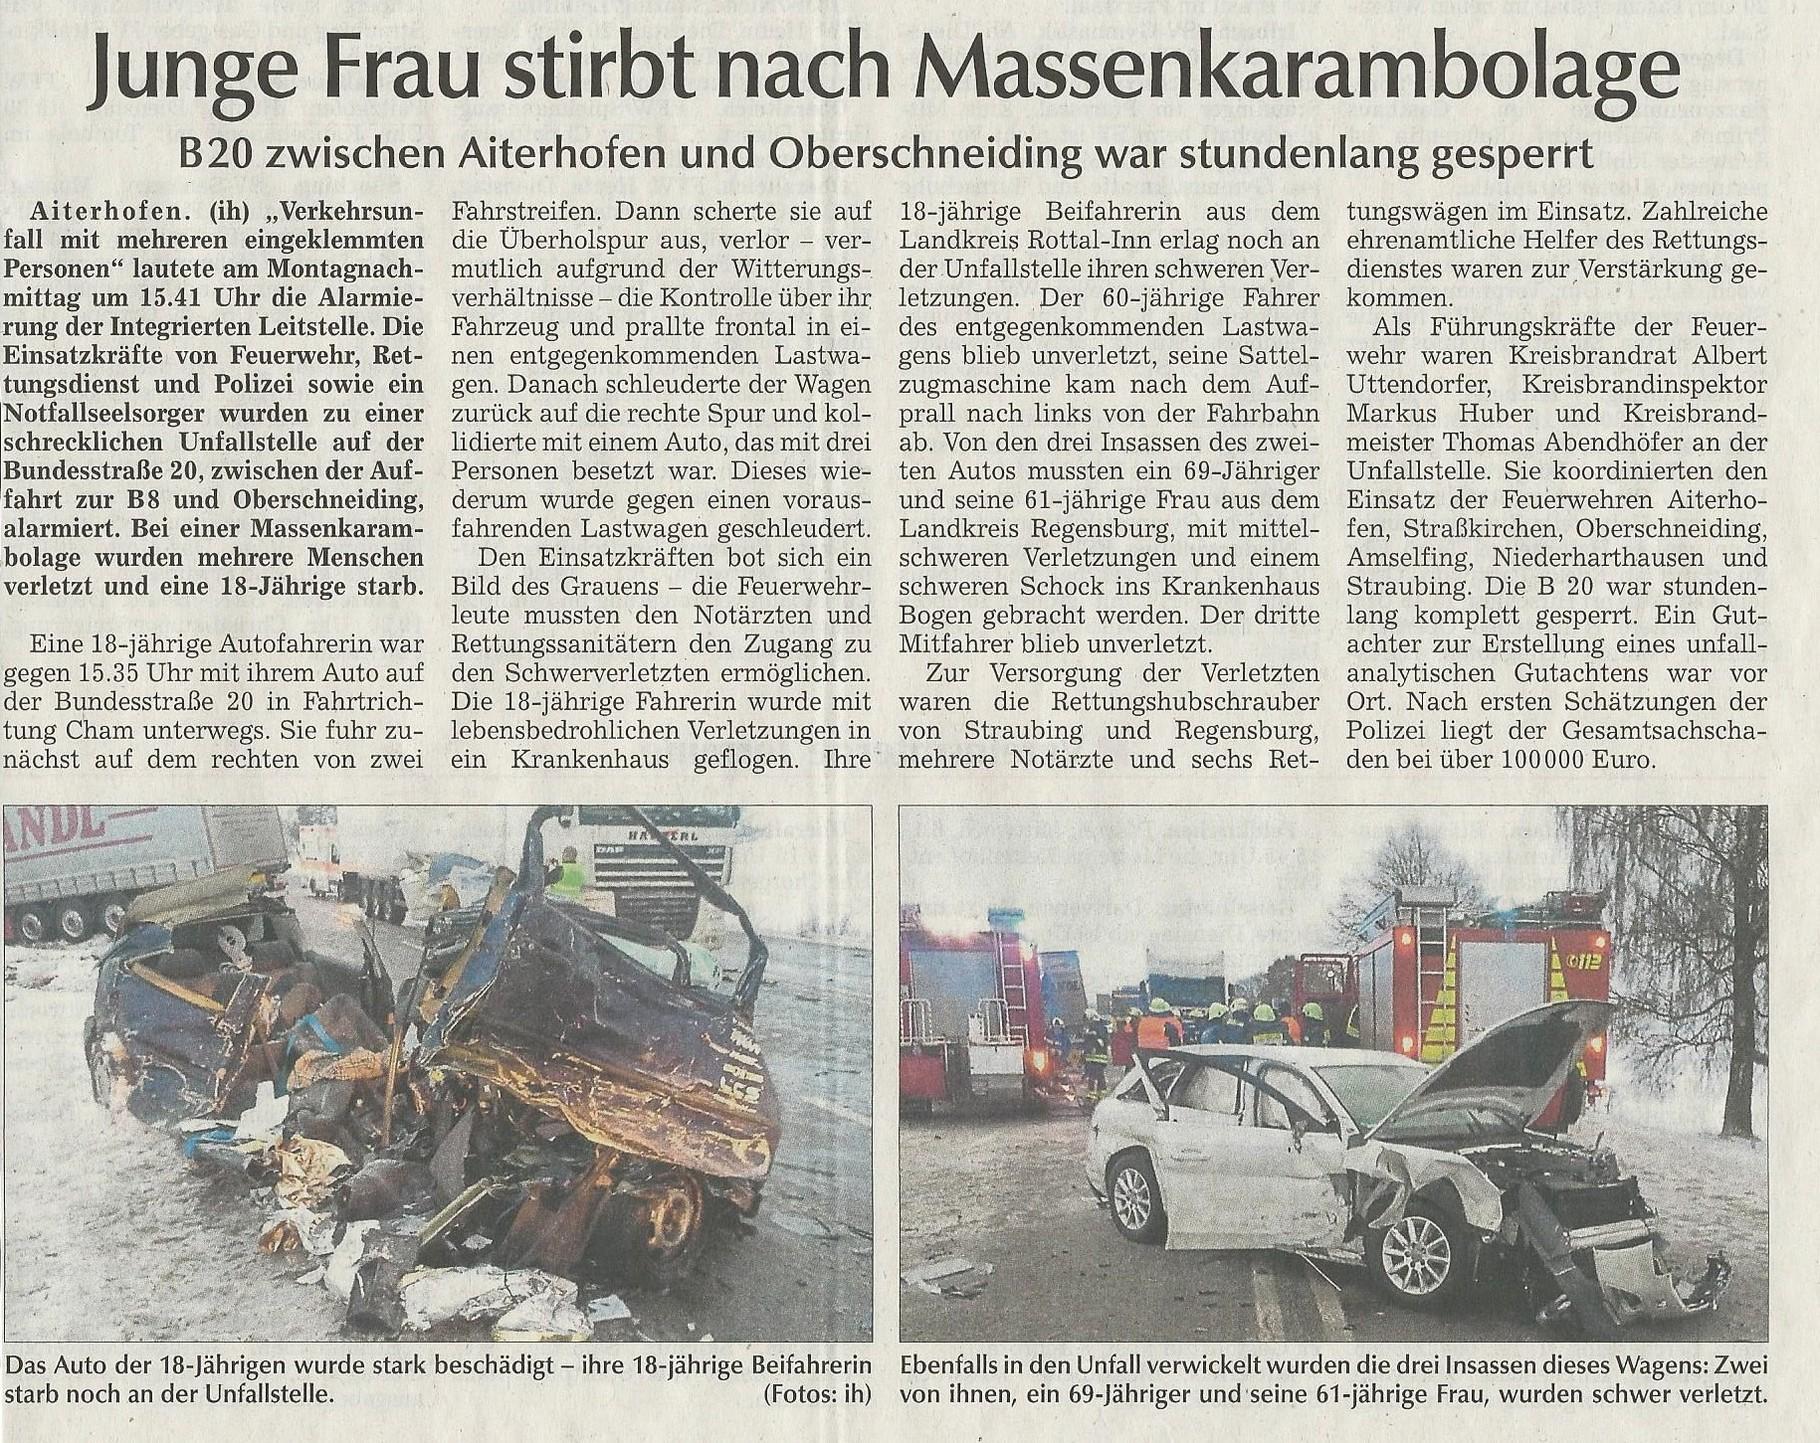 Beste Autounfallbeschreibung Zeitgenössisch - Schaltplan Serie ...